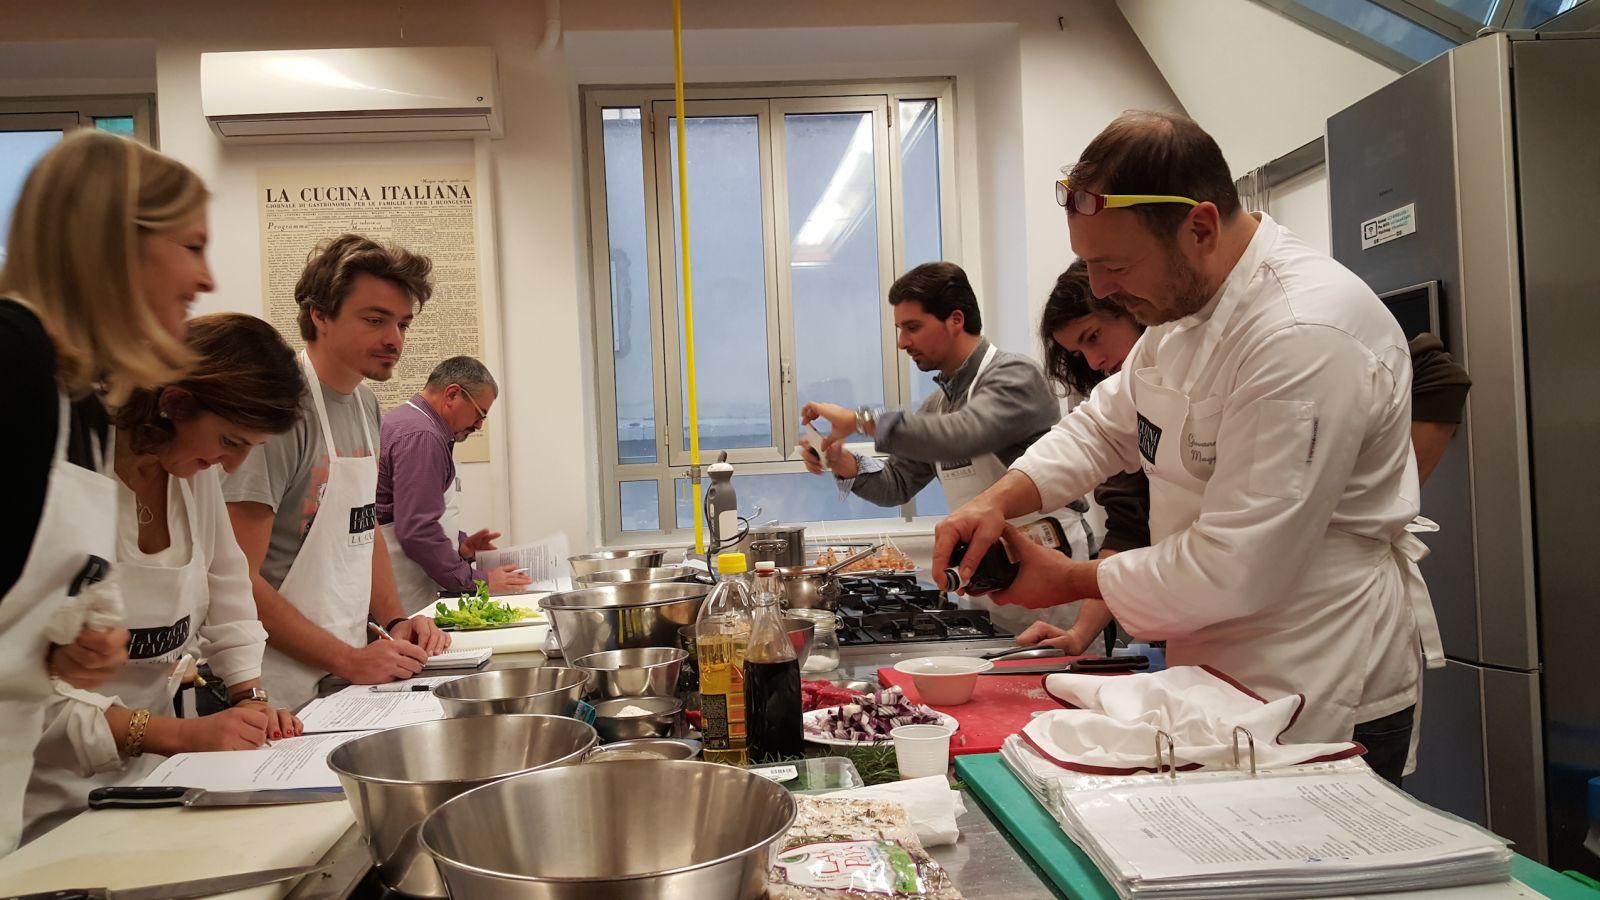 Disegno scuola di cucina italiana ispirazioni design - Cucina italiana moderna ...